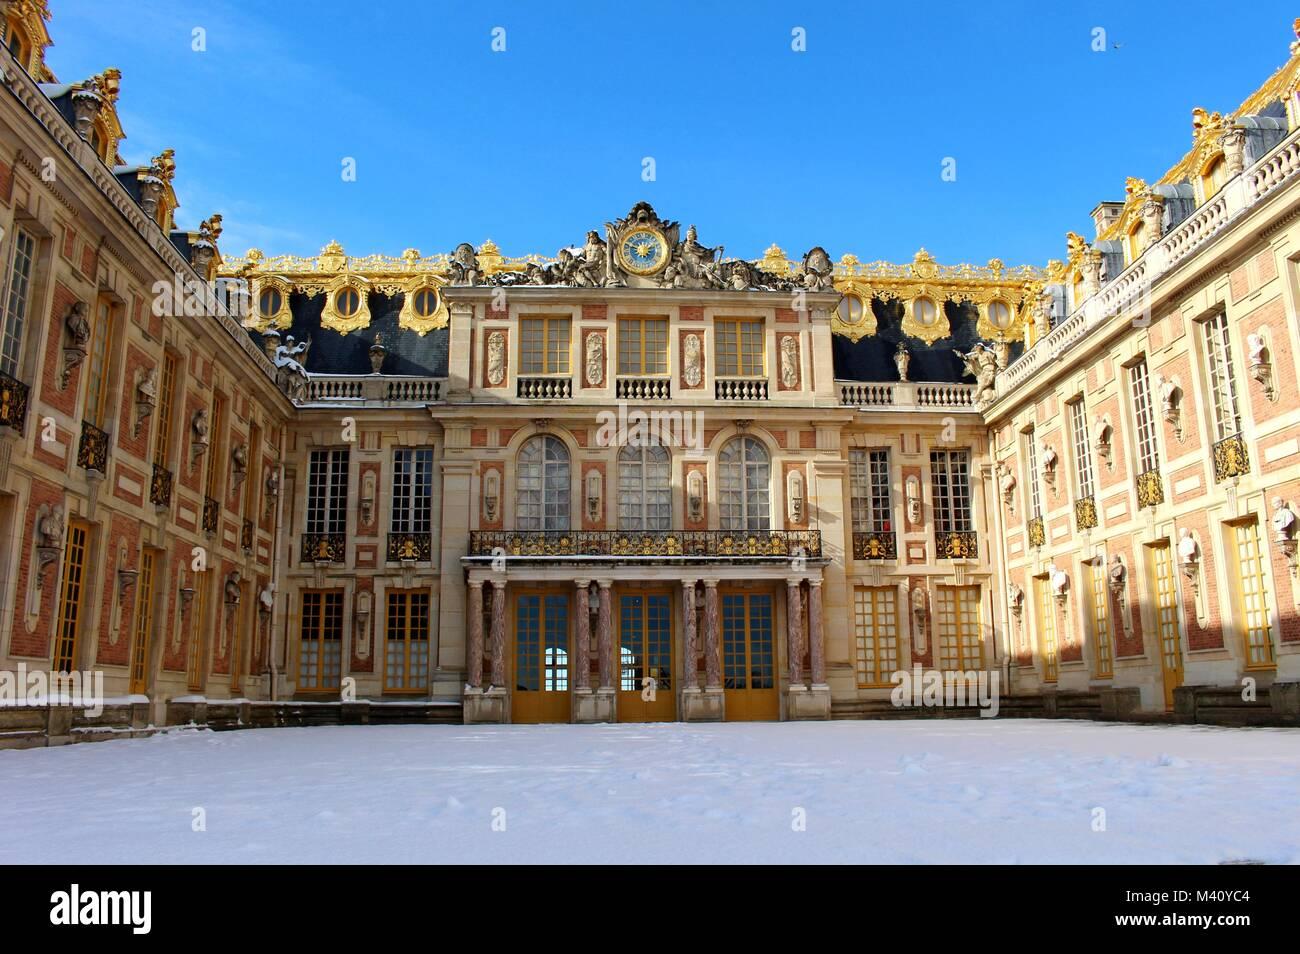 Febrero de 2018 vio las mayores nevadas en París desde 1987. Imagen De Stock